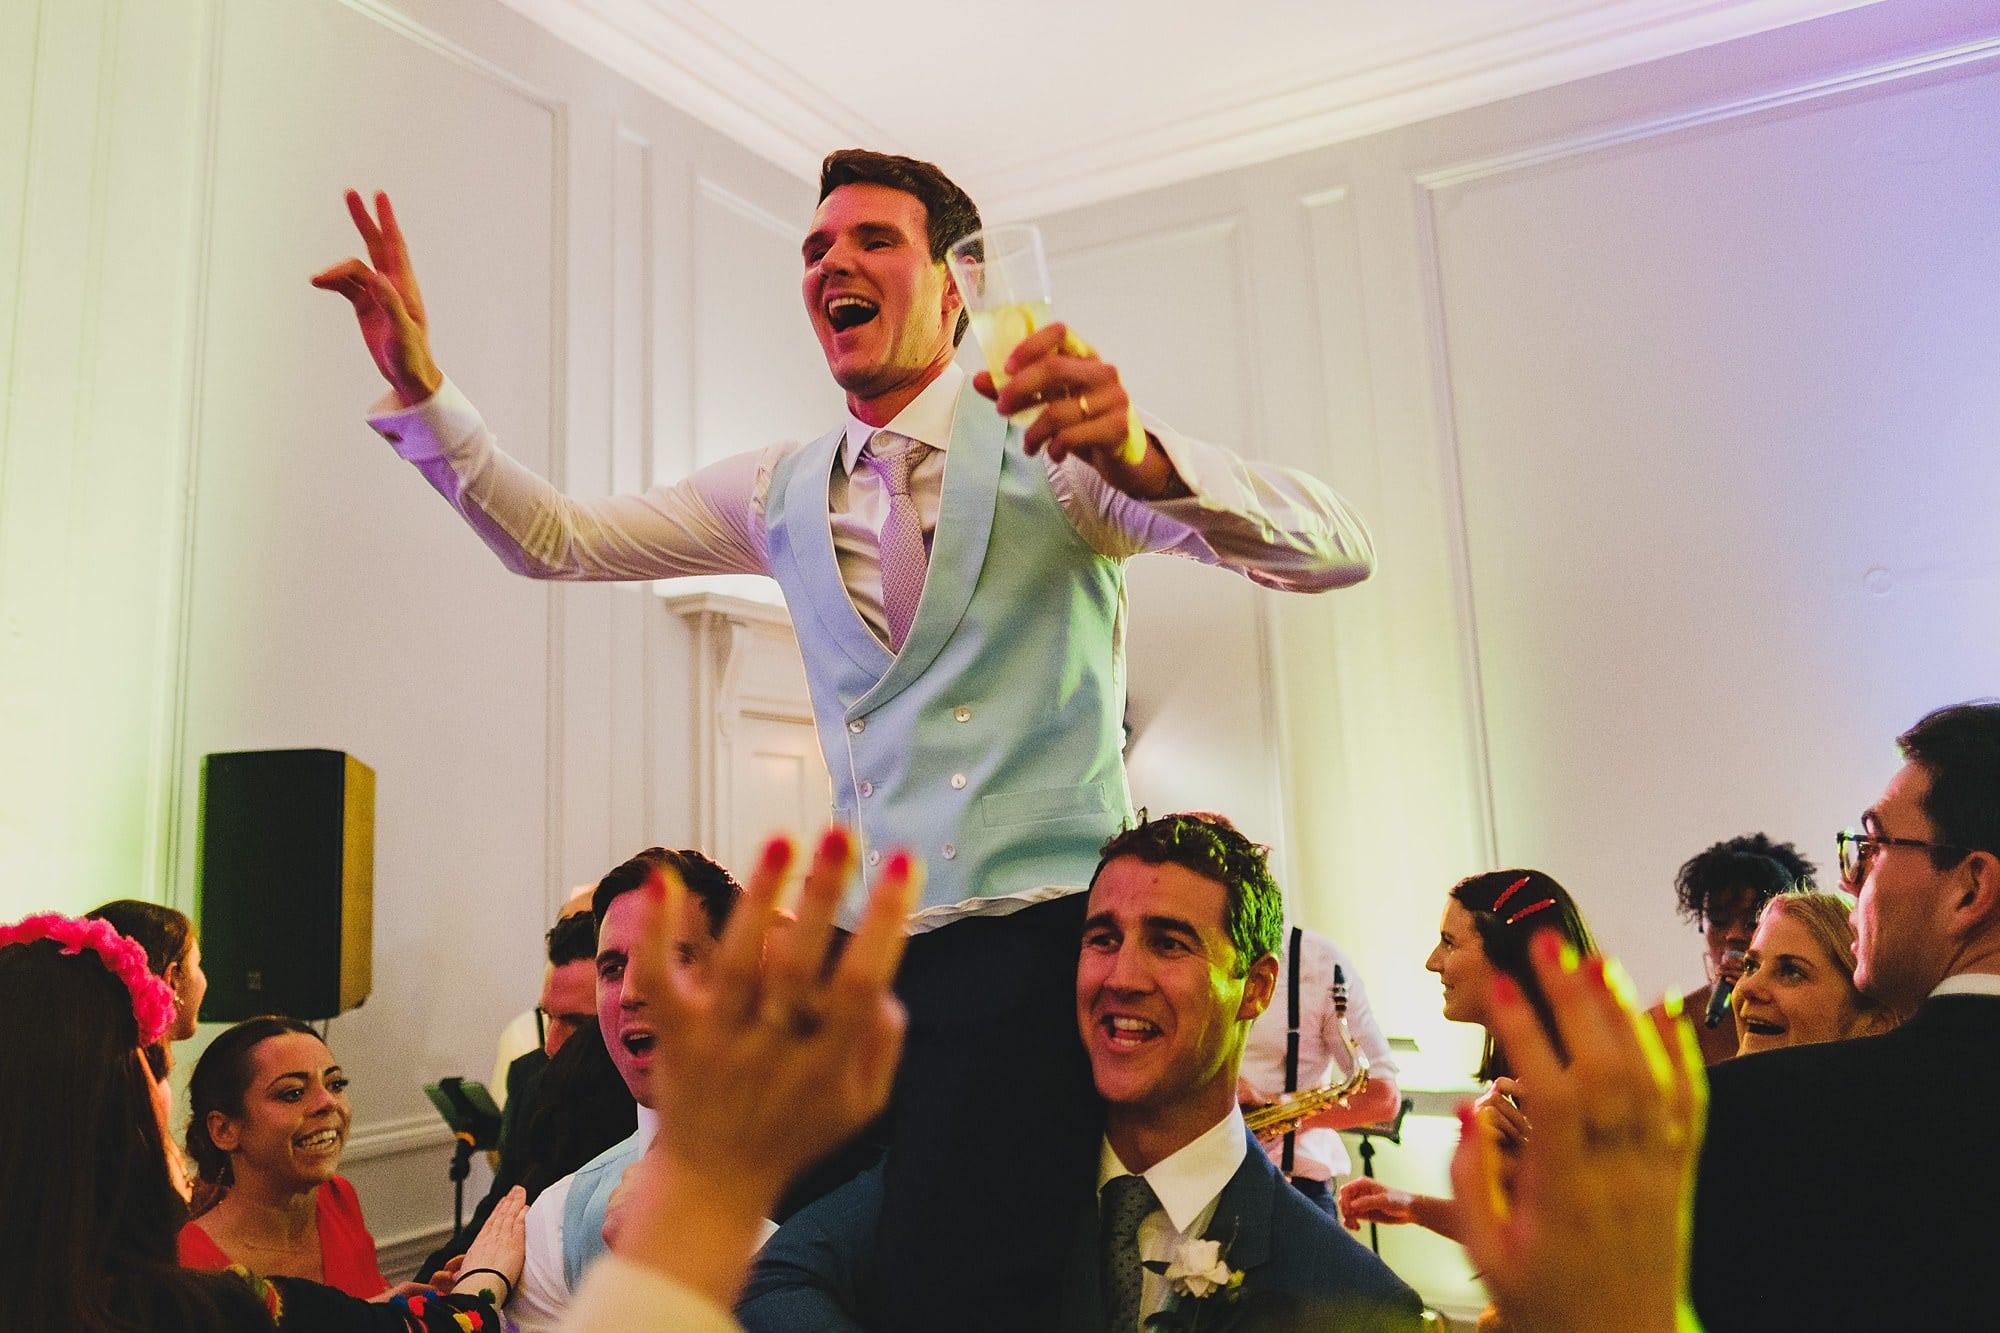 fulham palace wedding photographer ok 099 - Olivia + Kyle